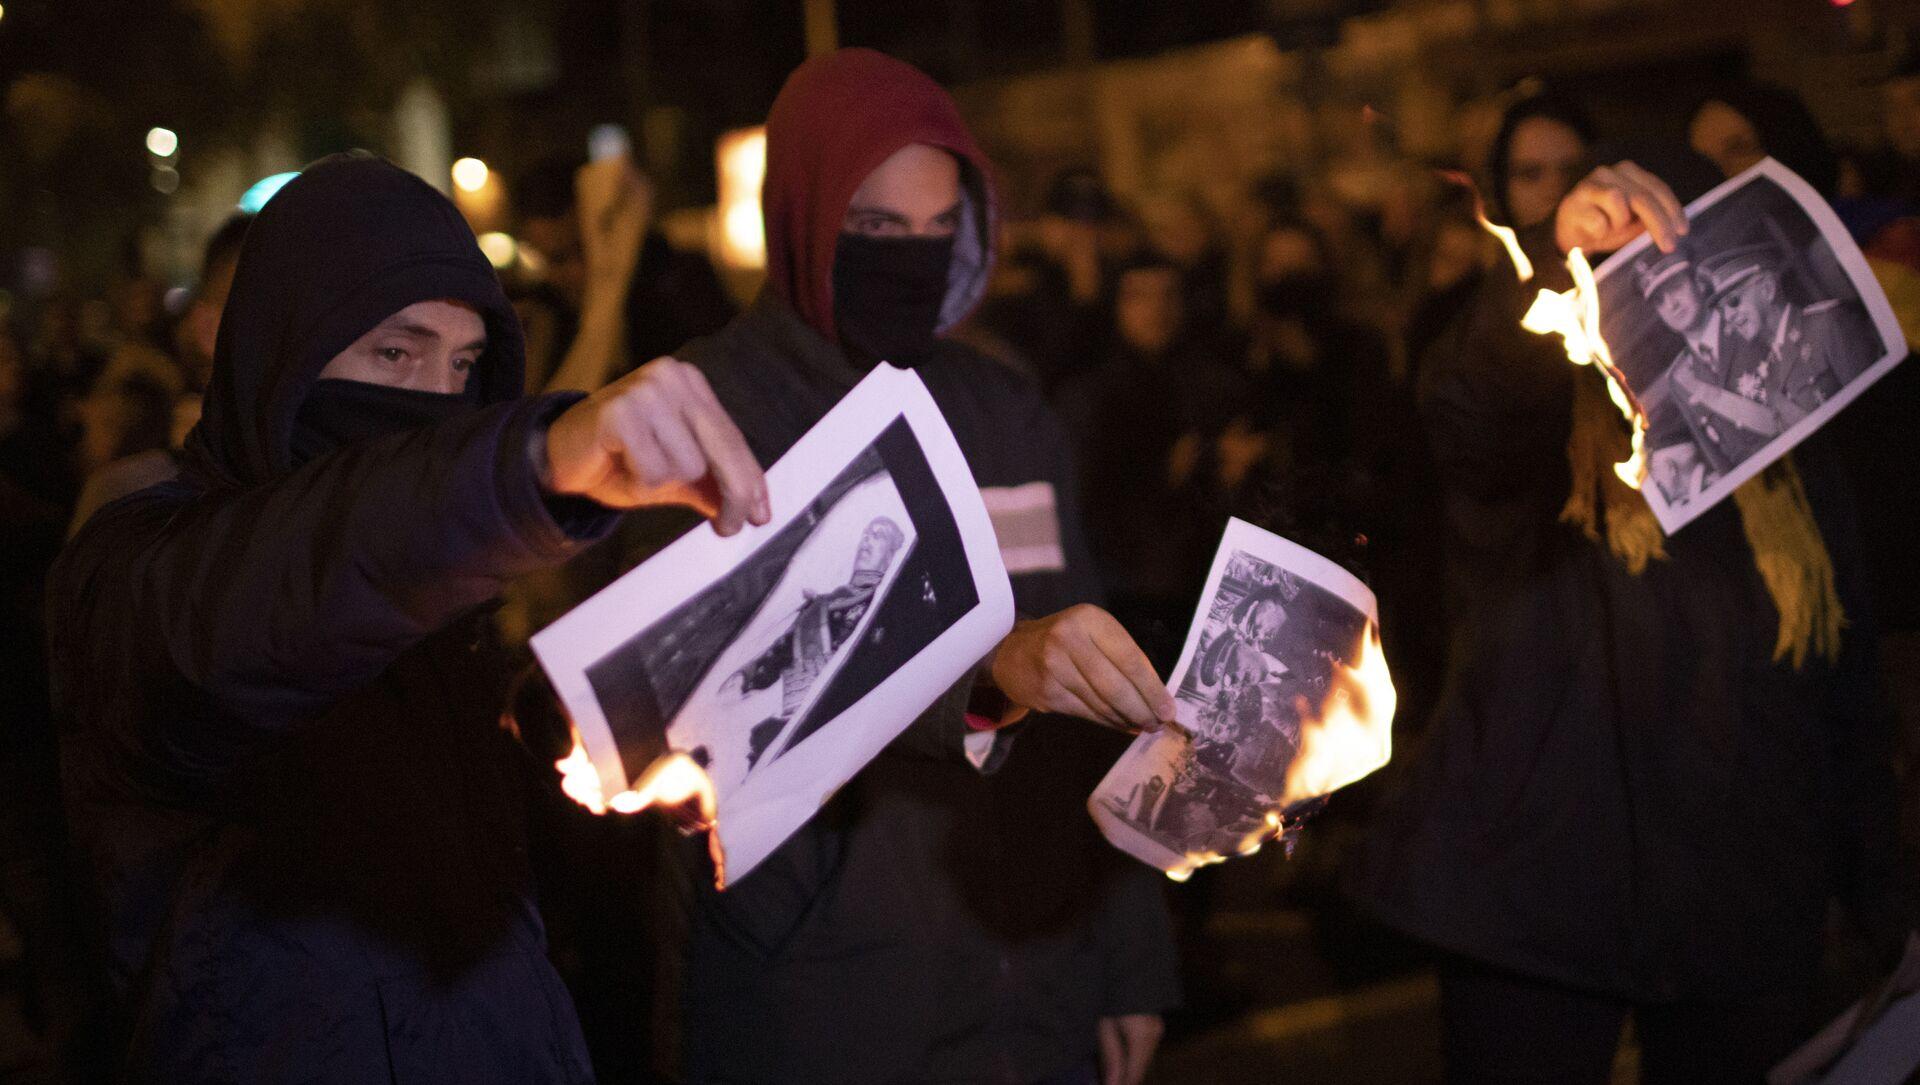 La gente quema las fotos de Francisco Franco - Sputnik Mundo, 1920, 14.11.2019